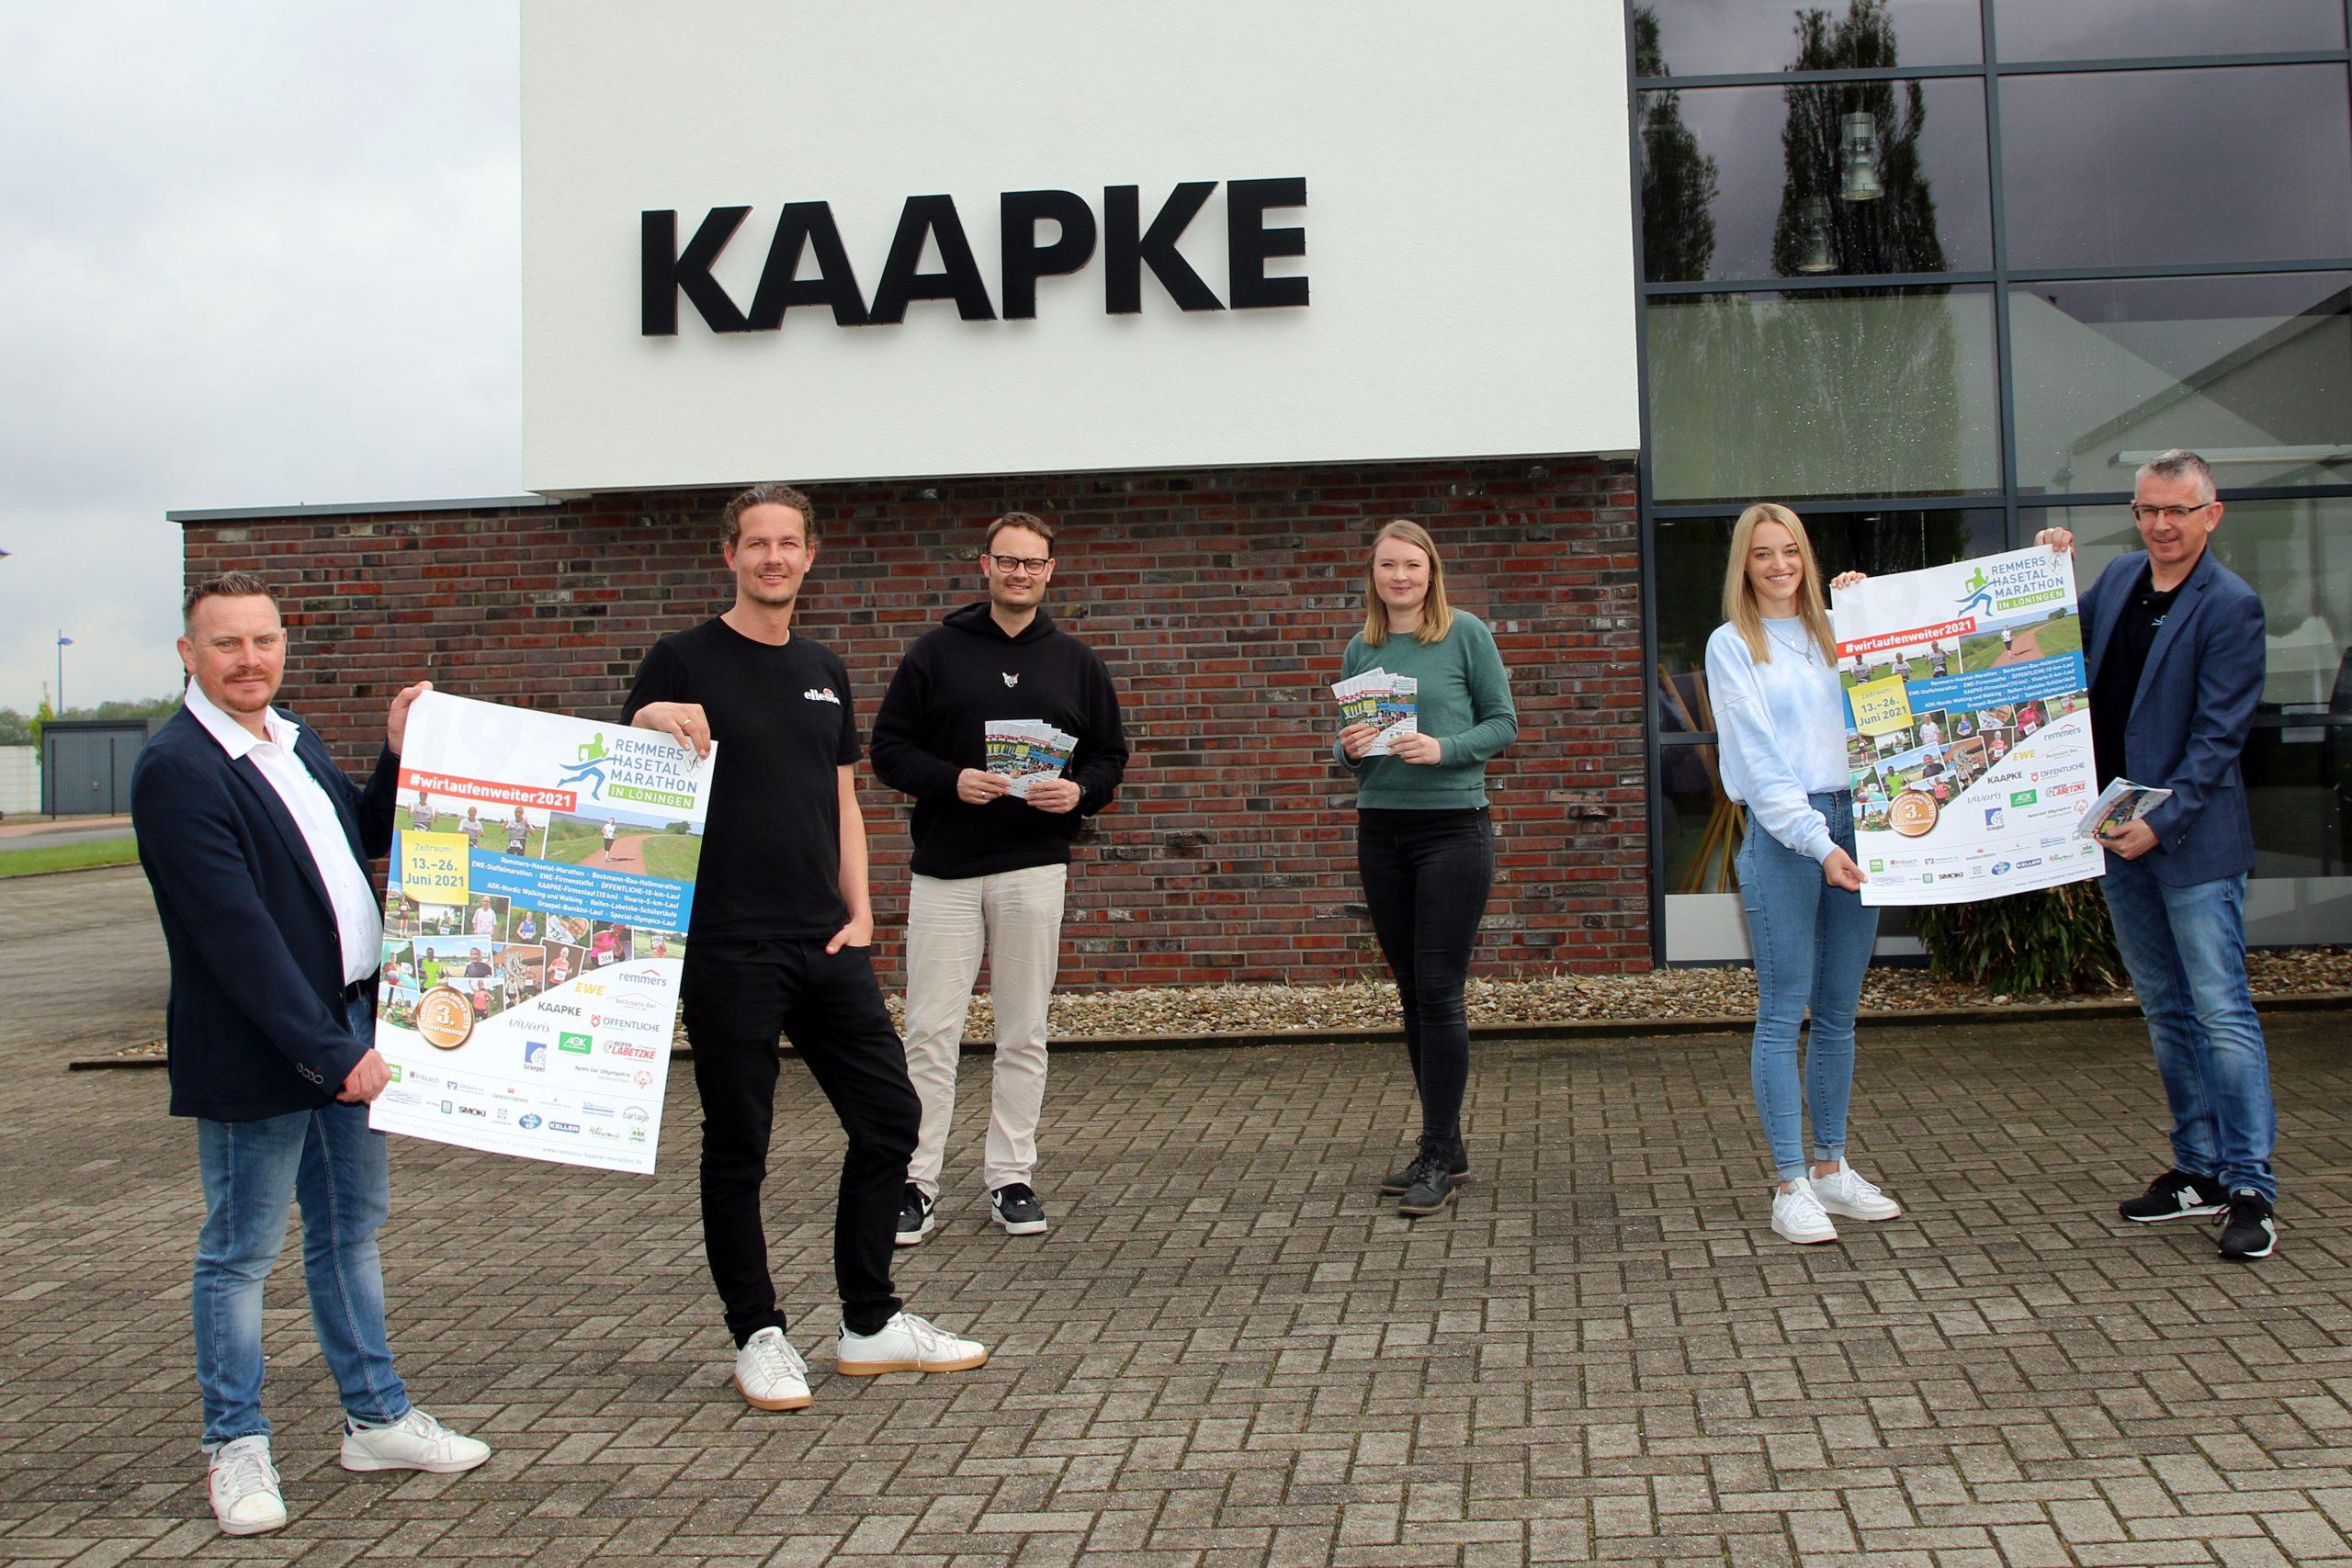 zum Bild:Laden gemeinsam zum neuen KAAPKE-Firmenlauf (10 km) ein, von links nach rechts: Jens Lüken (Marathon-Team), Benedikt Kläne, Firmenchef Timo Kaapke, Eva Plaggenborg, Sandra Lampe (alle KAAPKE-Kreativteam) und Stefan Beumker (Marathon-Team). Foto: Remmers-Hasetal-Marathon des VfL Löningen.